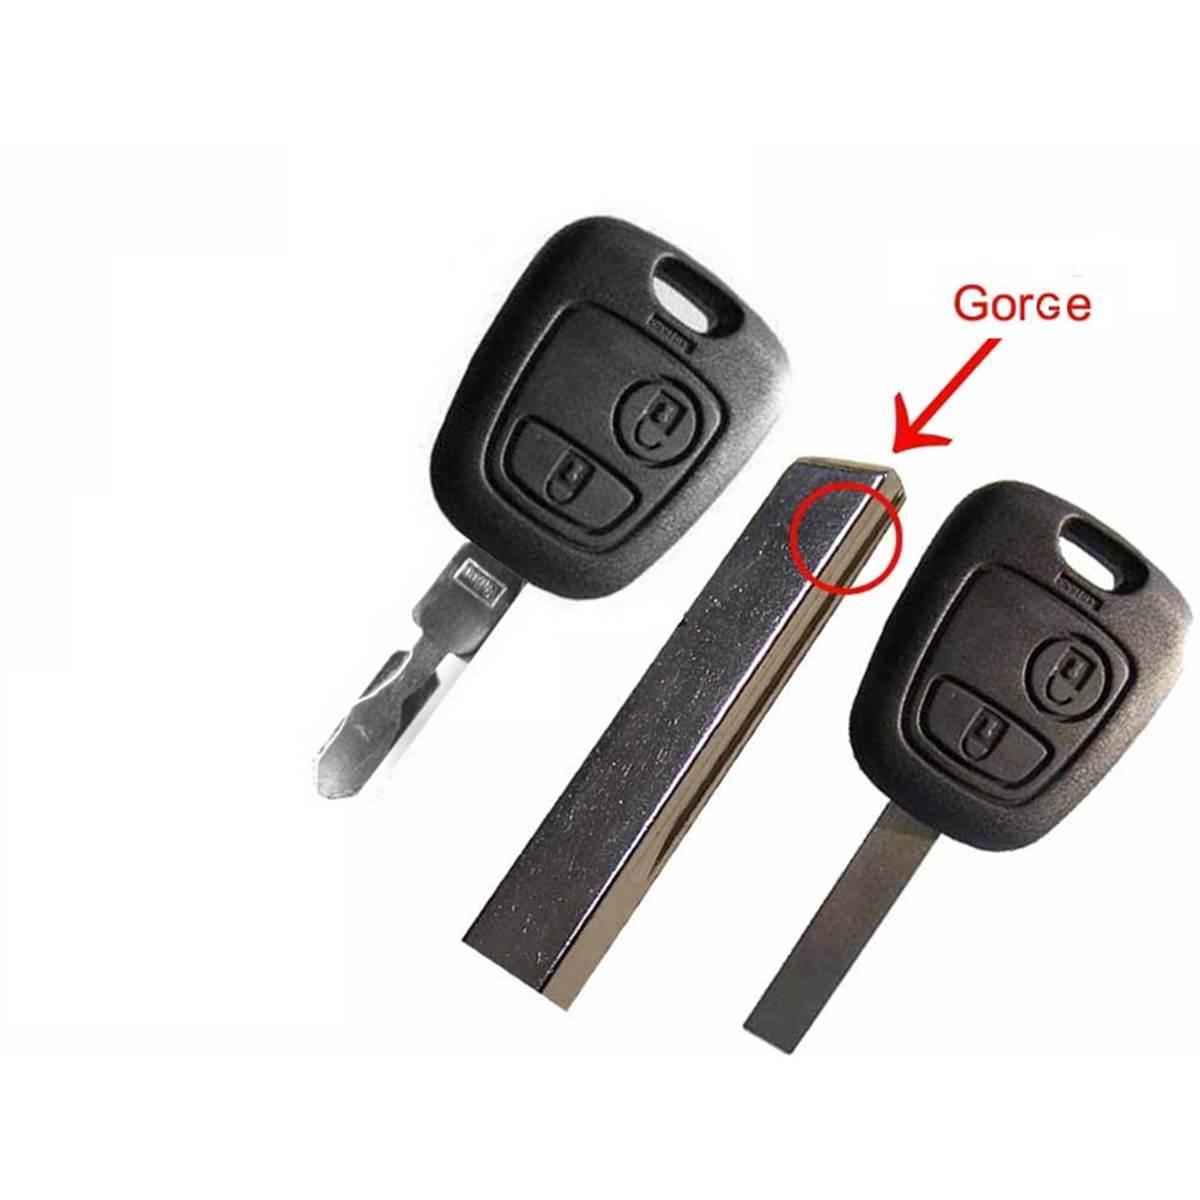 Coque de clé adaptable pour PSA 207,107, 307, C1 à C5, Toyota Aygo 2 boutons